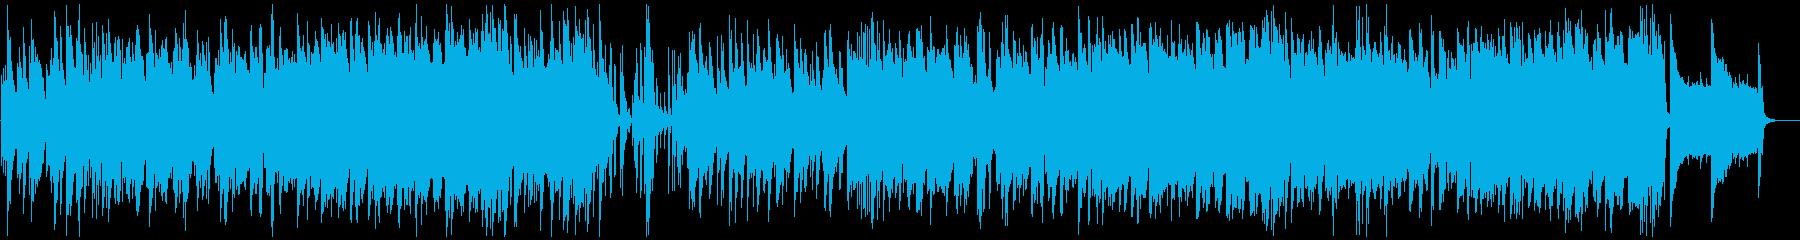 クリスマスの定番、もろびとこぞりてジャズの再生済みの波形